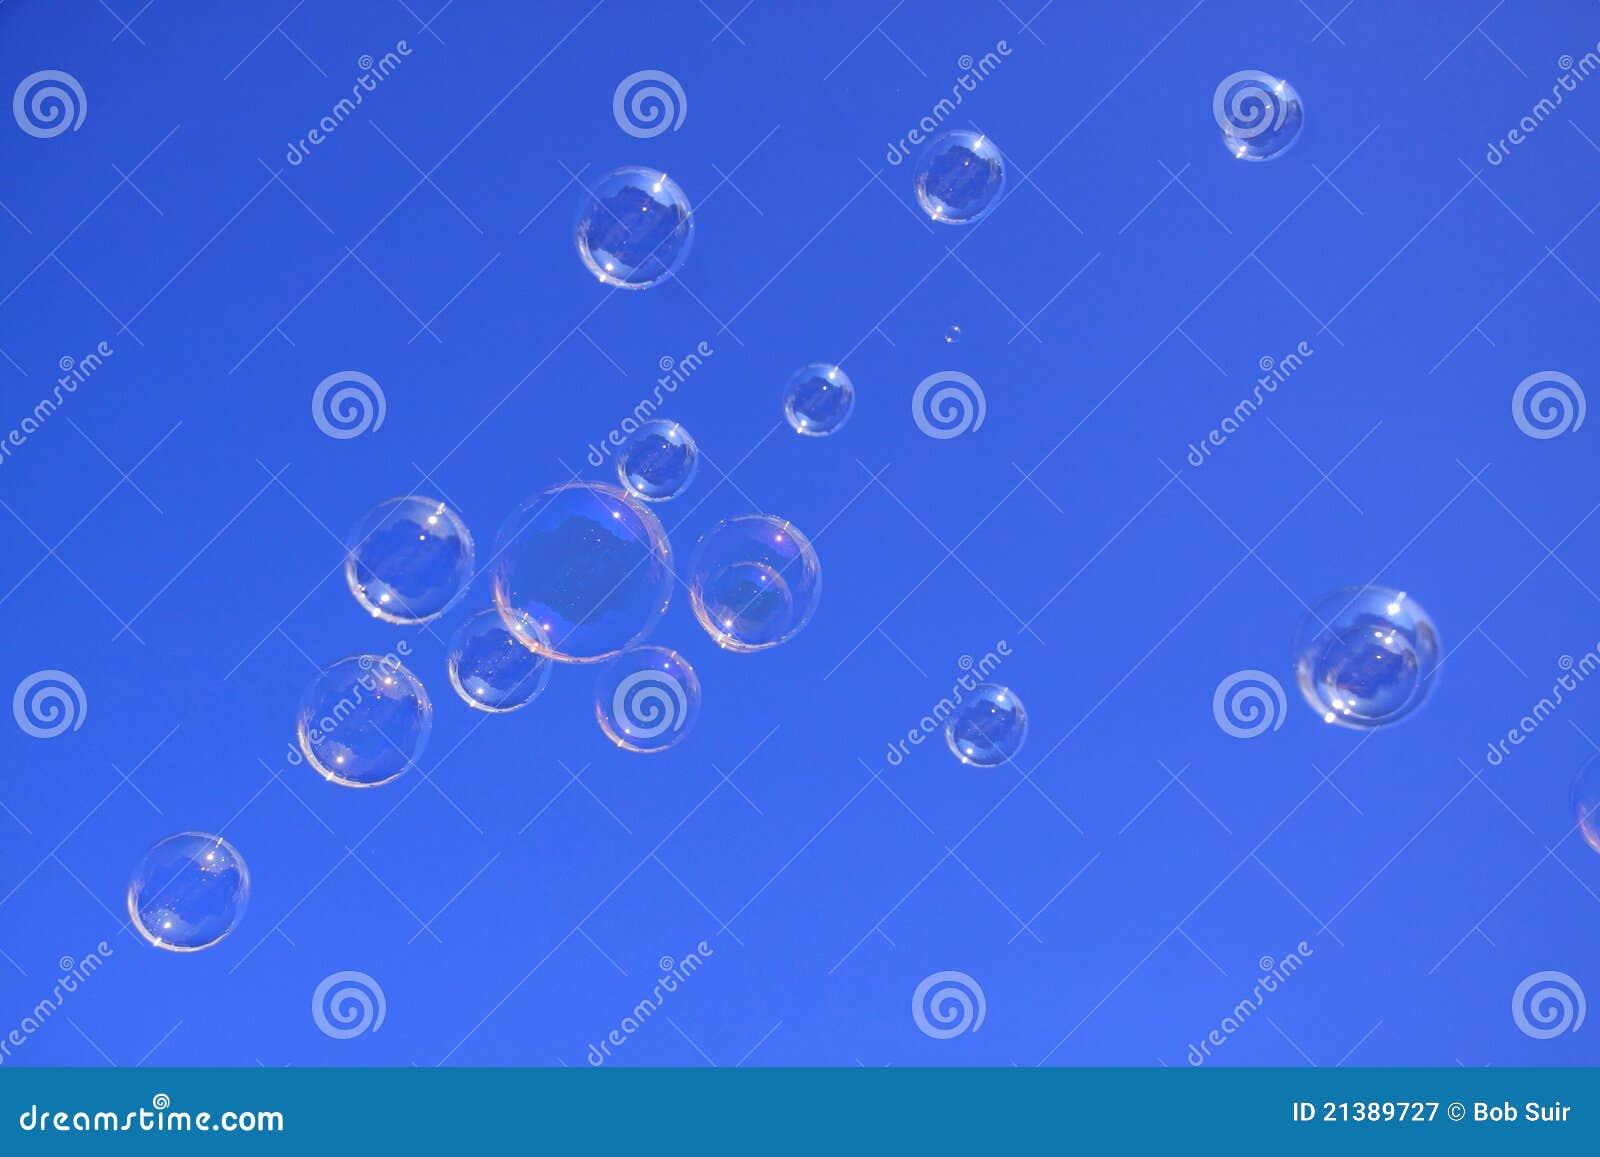 Zeepbels in de blauwe hemel